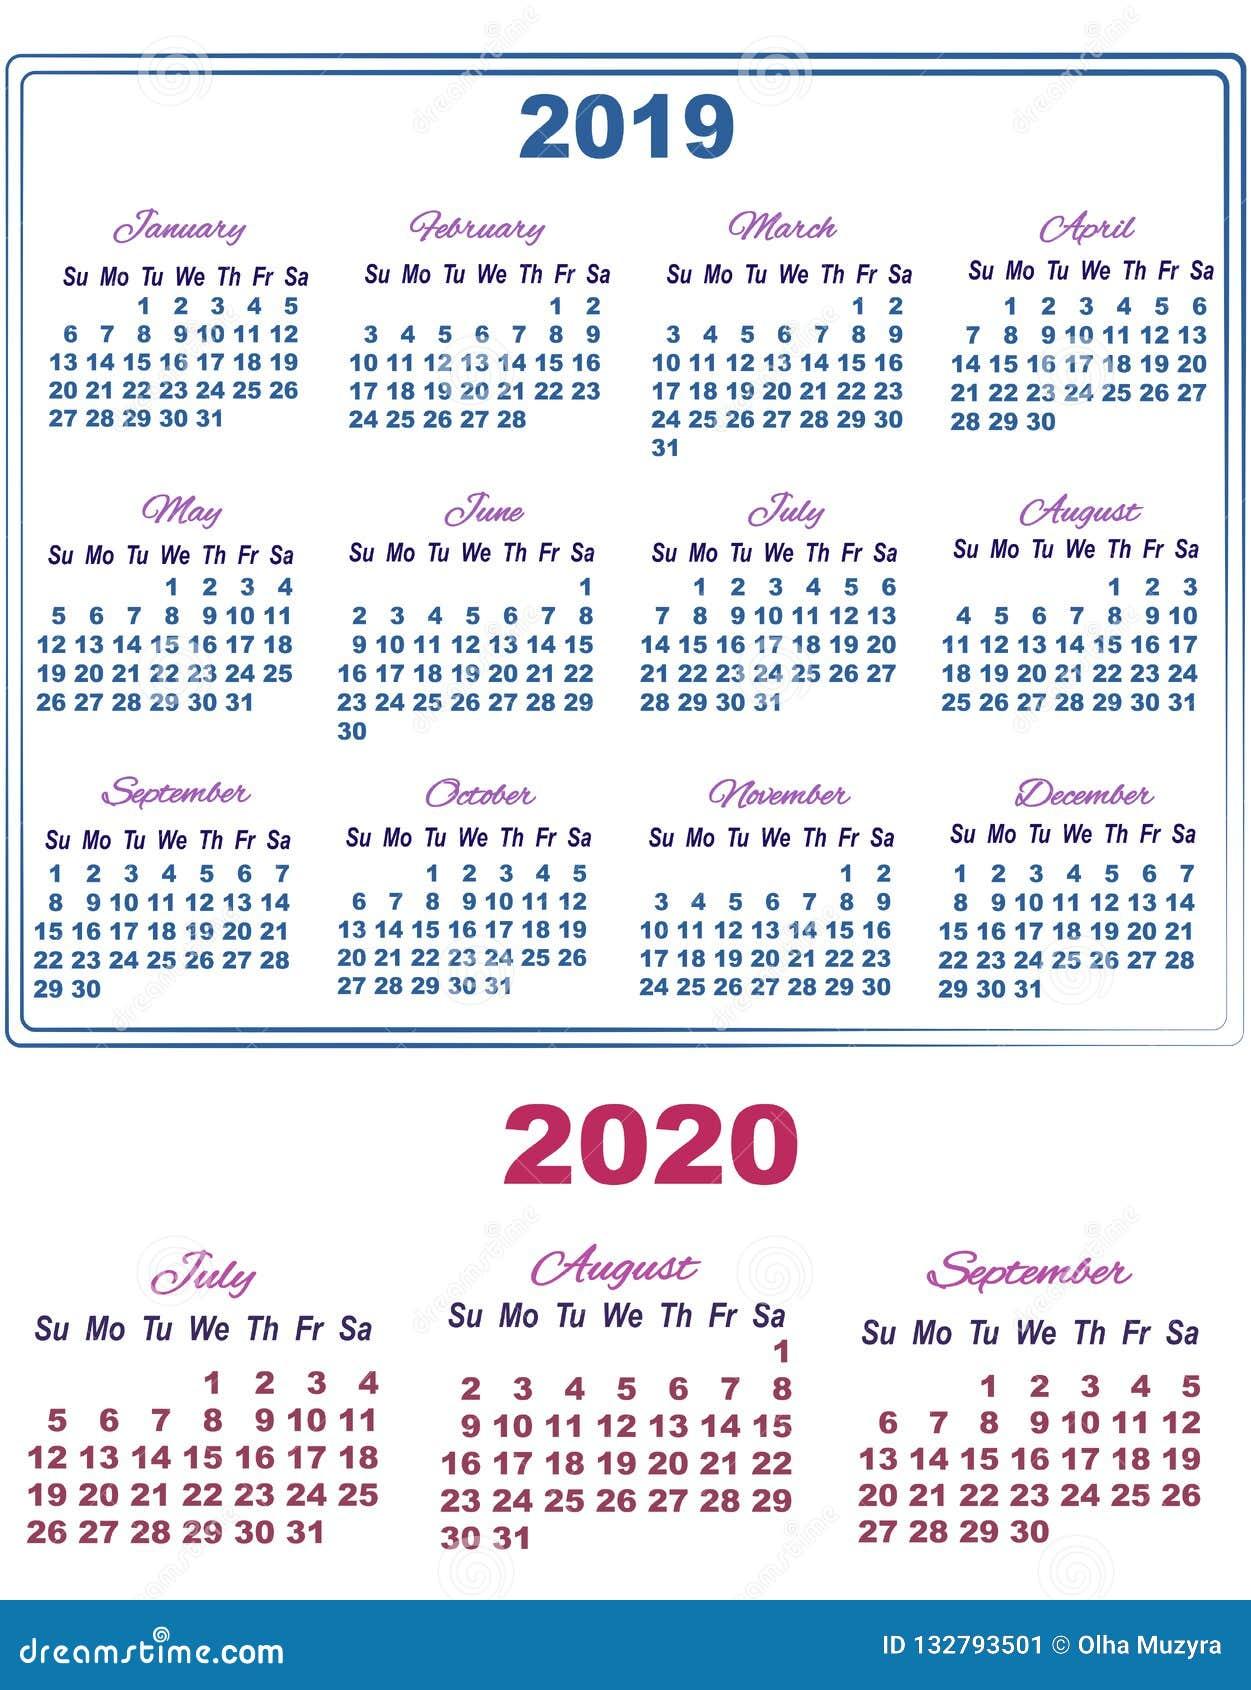 Calendario De Agosto 2020.Calendario 2019 Con Julio Agosto Y Septiembre De 2020 Ilustracion